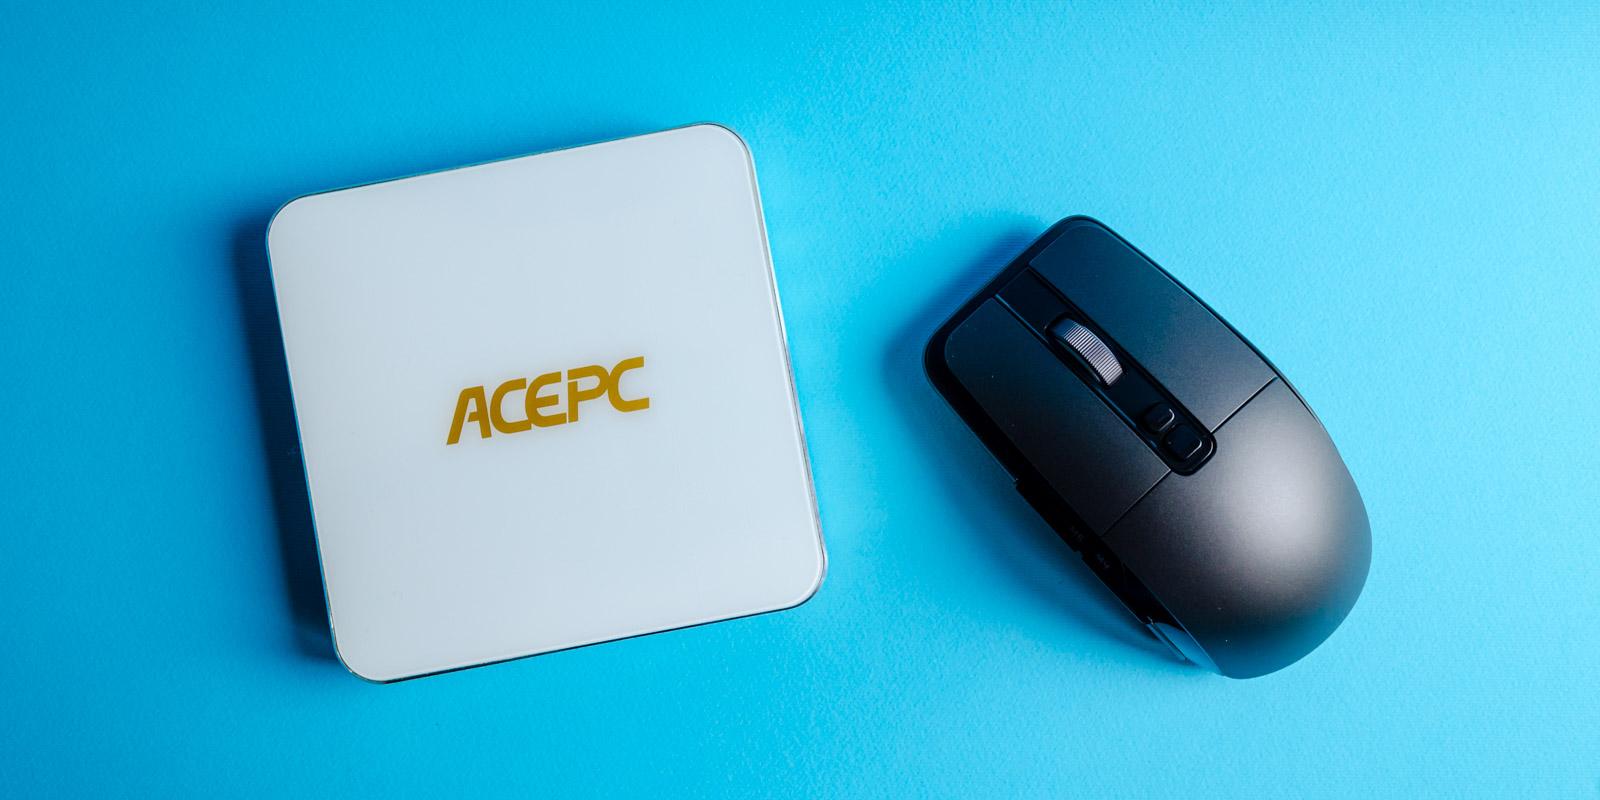 Обзор AcePC AK7 — миниатюрного компьютера для офисных работ и